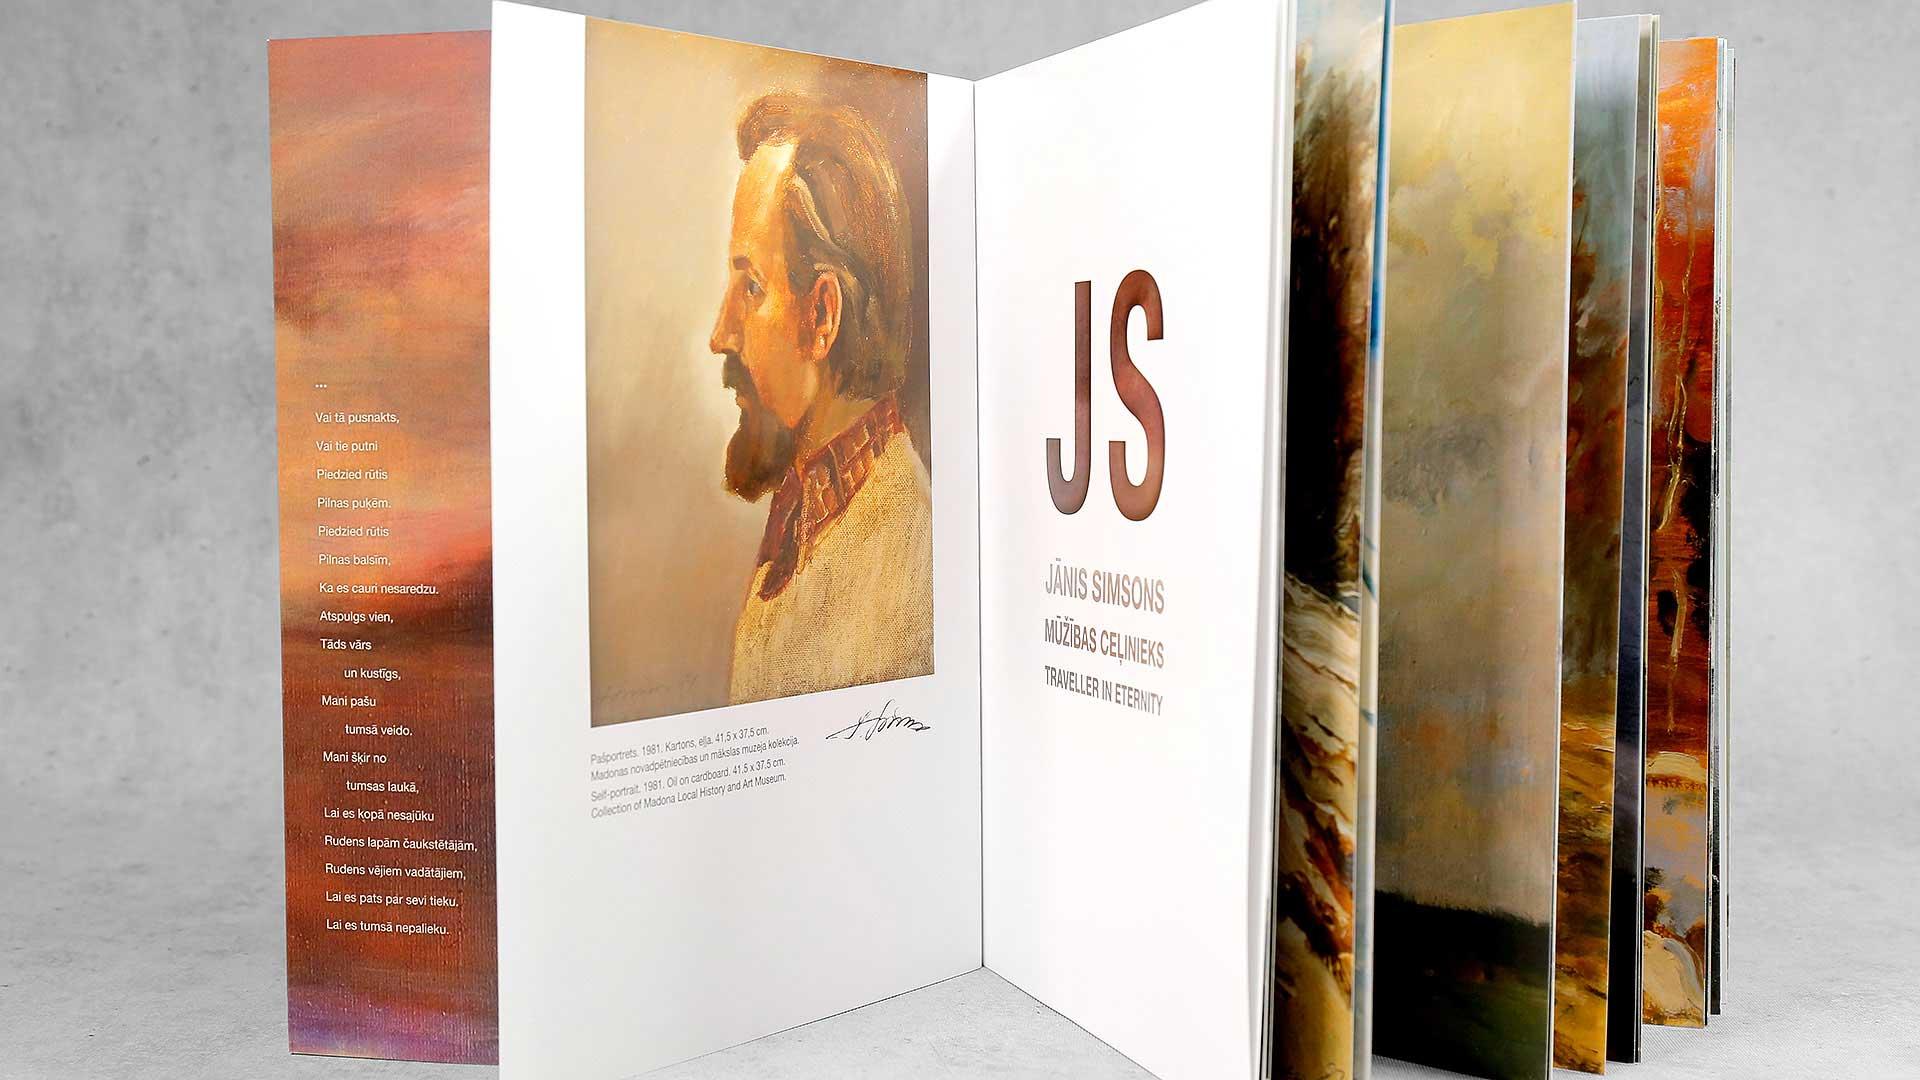 Grāmatu iesiešana Jānis Simsons